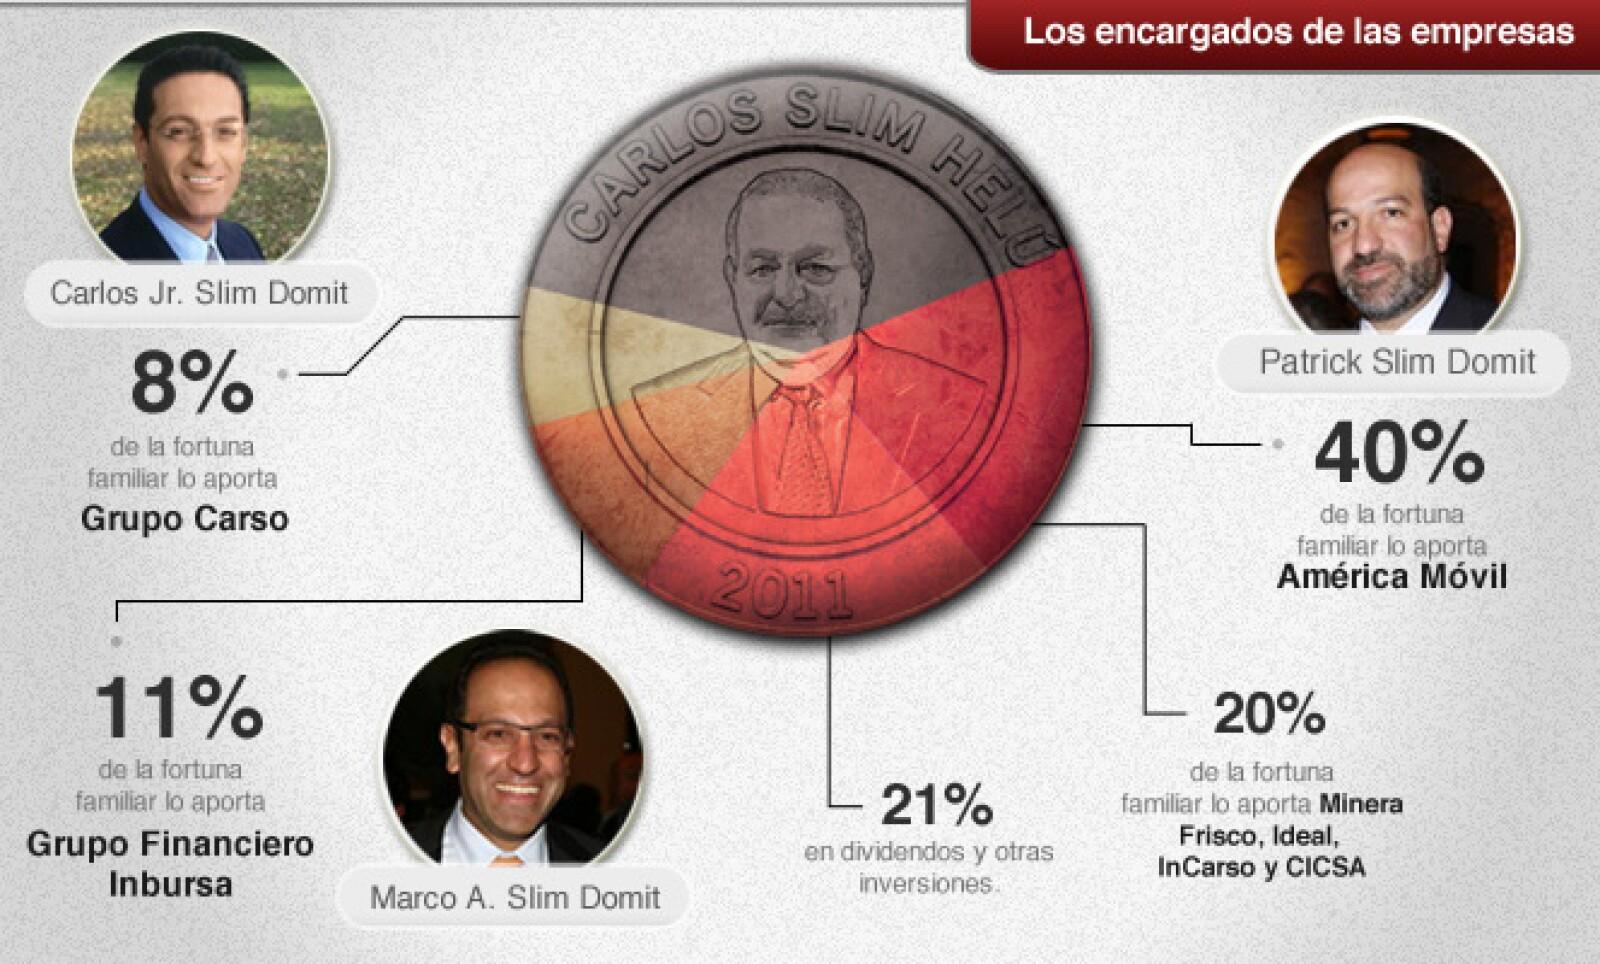 : Los seis hijos de Carlos Slim tienen poder sobre una proporción similar de la fortuna familiar, pero sólo sus tres hijos varones deciden el futuro de las firmas familiares.